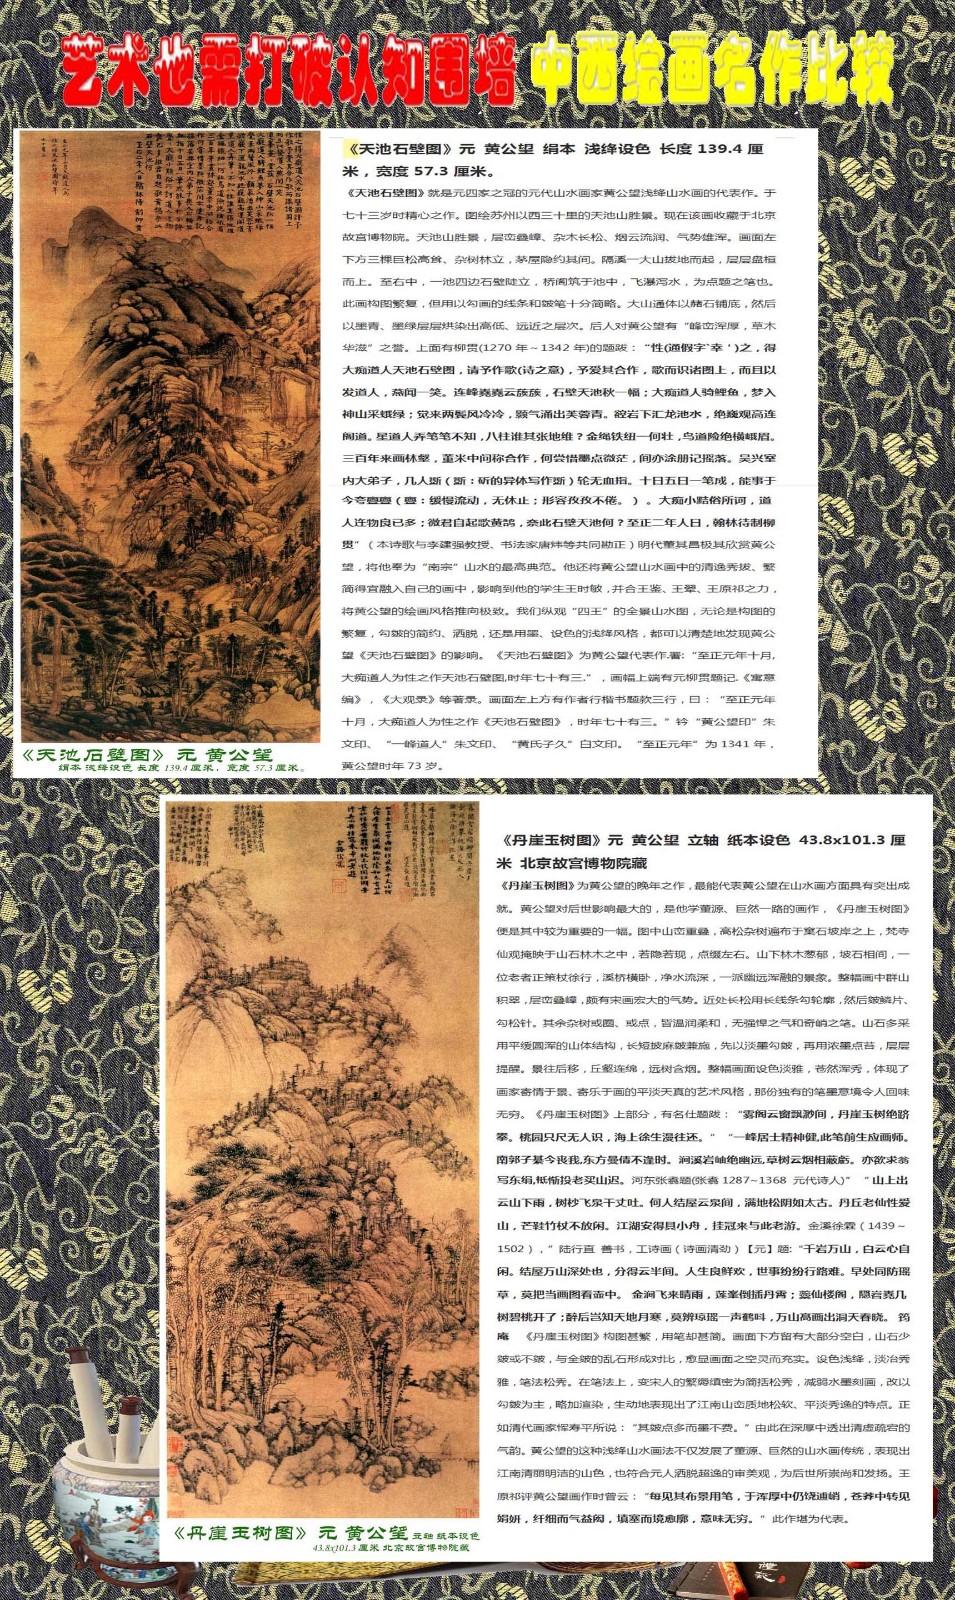 艺术需打破认知围墙  中西绘画名作比较_图1-10